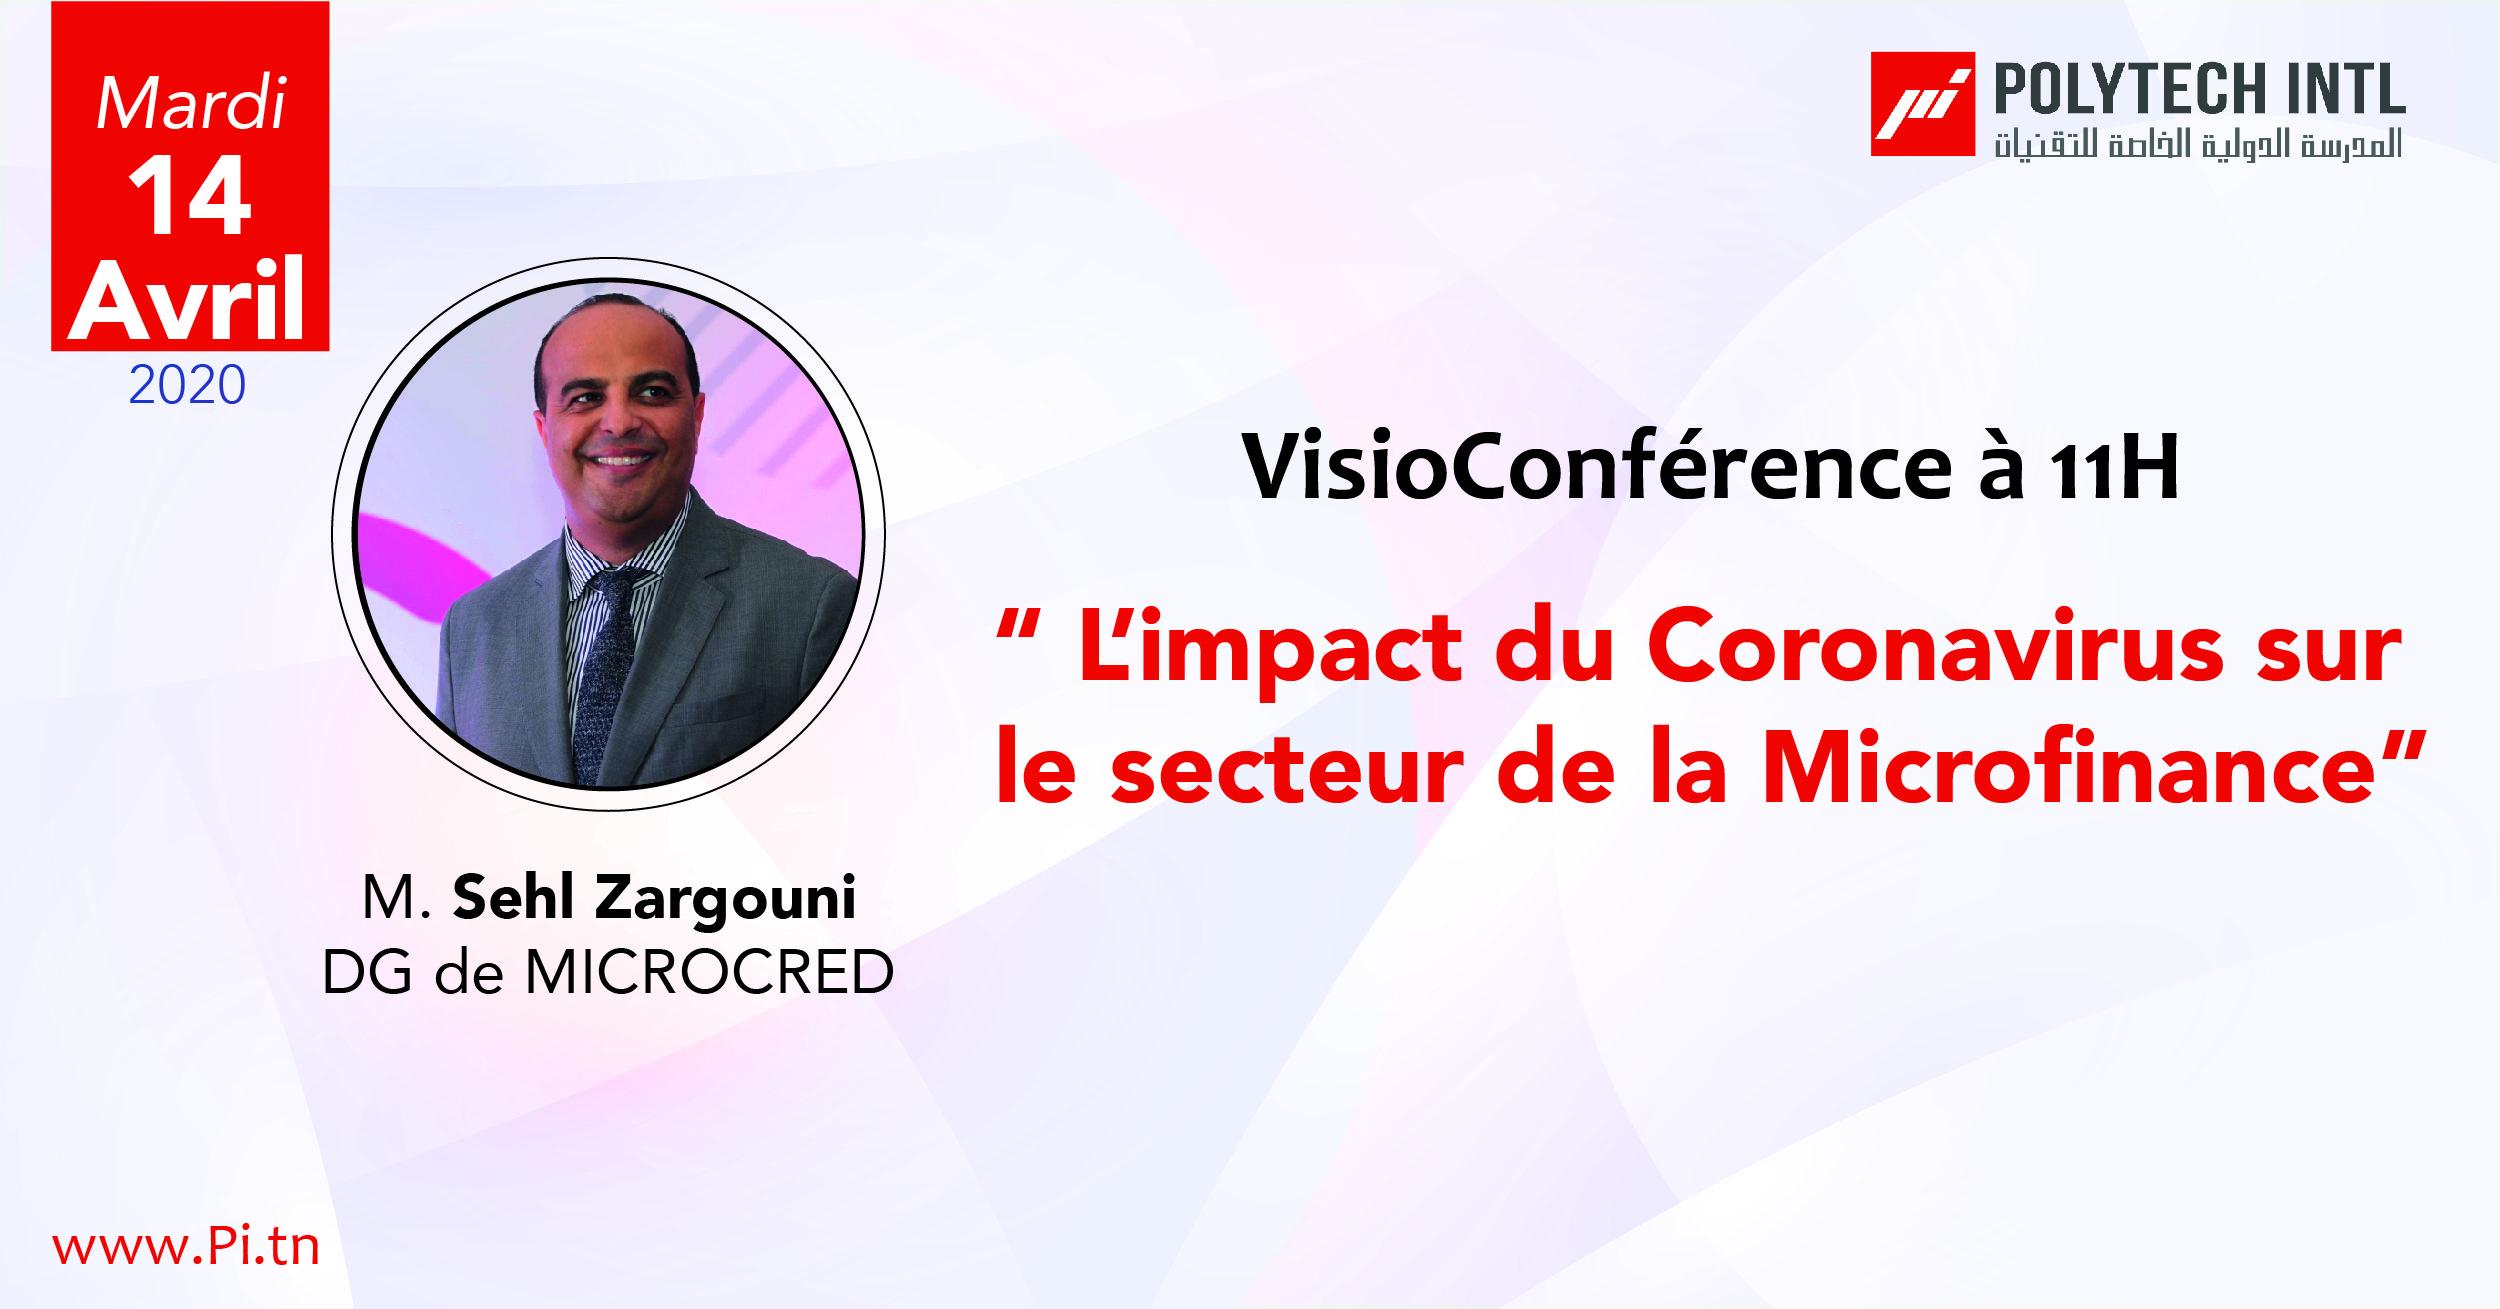 L'impact du Coronavirus sur le secteur de la Micro-finance